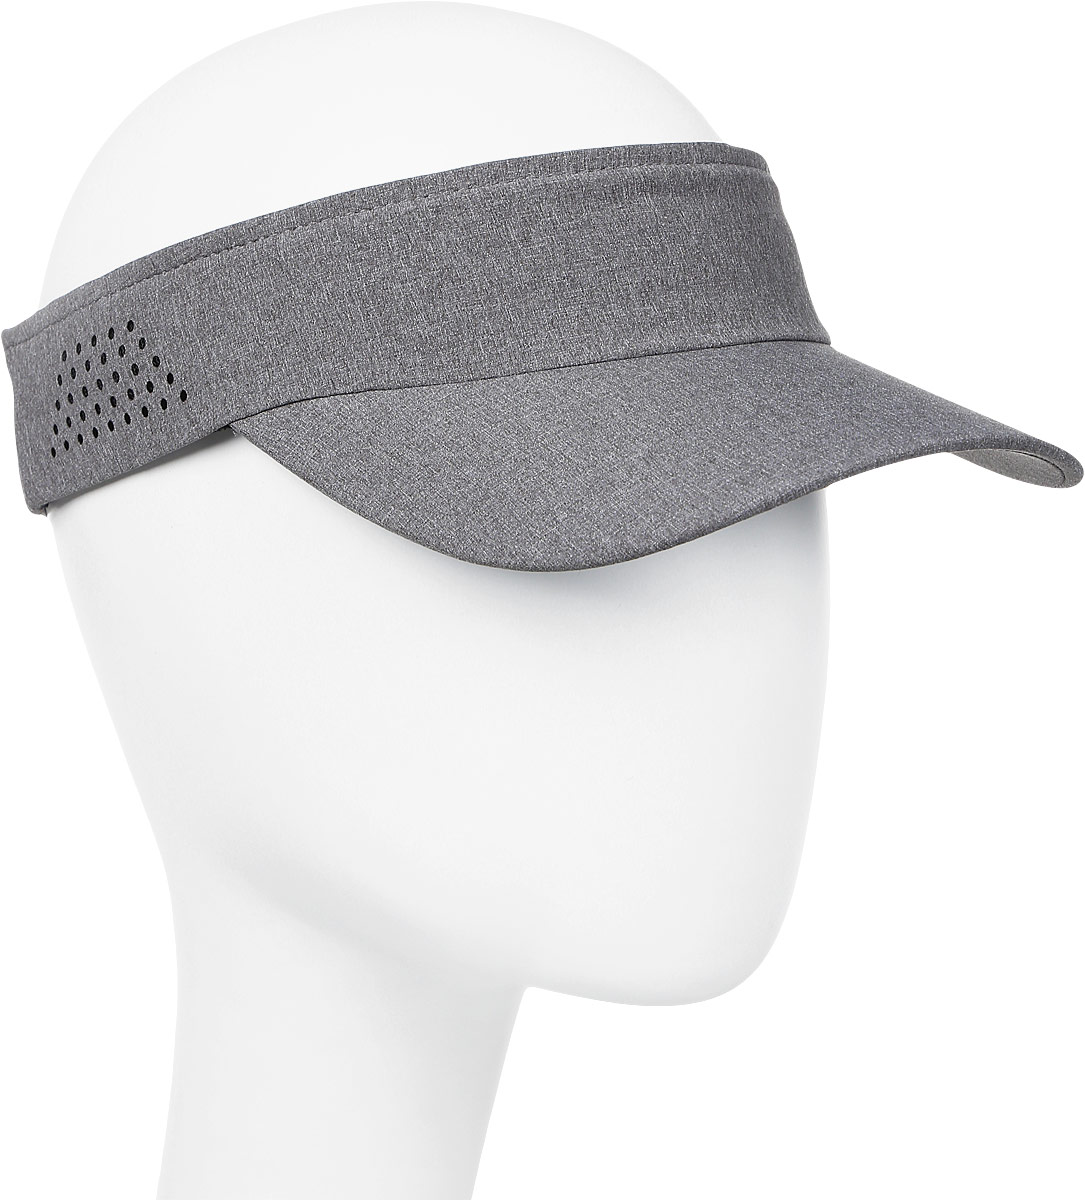 Козырек мужской Asics Visor Performance, цвет: серый. 155012-0720. Размер универсальный155012-0720